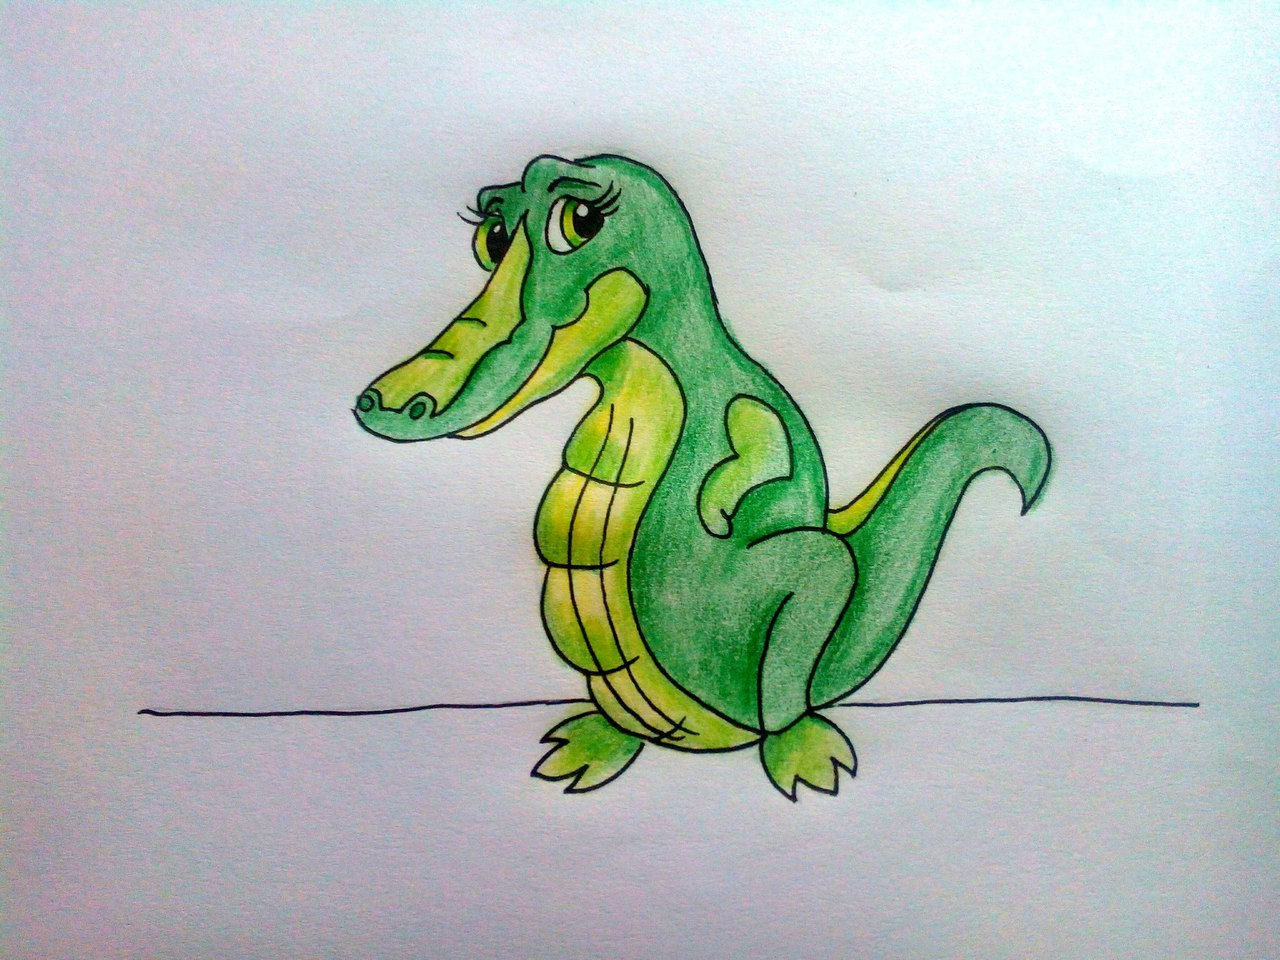 Как нарисовать крокодила карандашом поэтапно